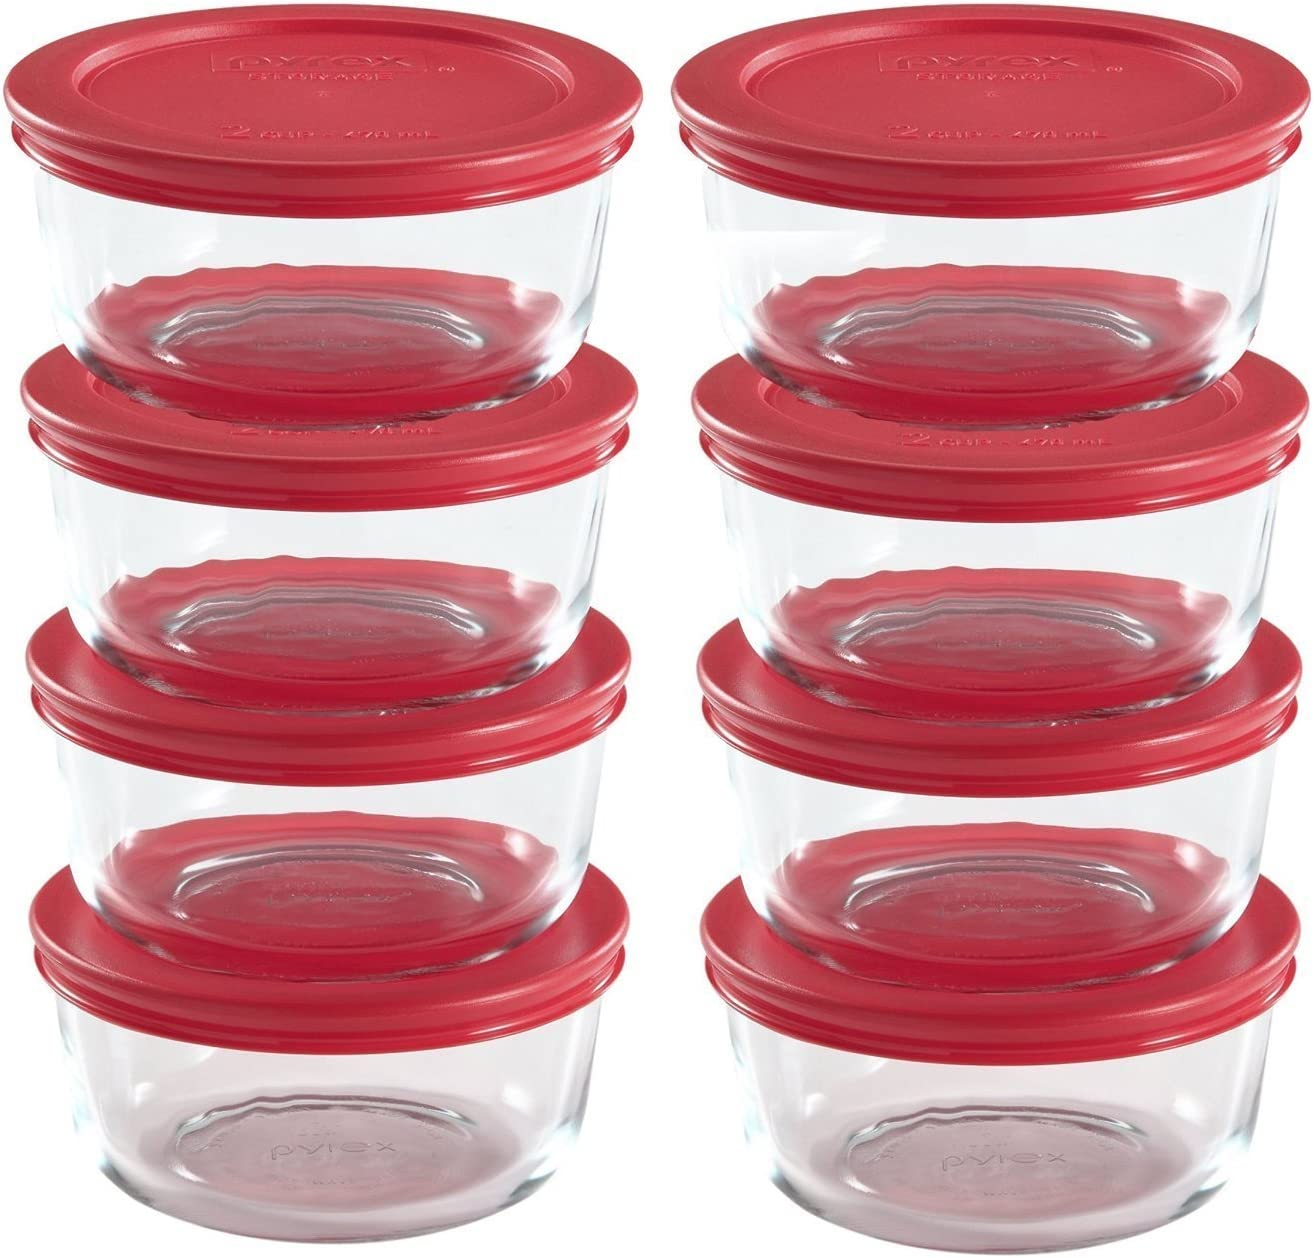 World Kitchen Pyrex 16-Piece Food Storage Set